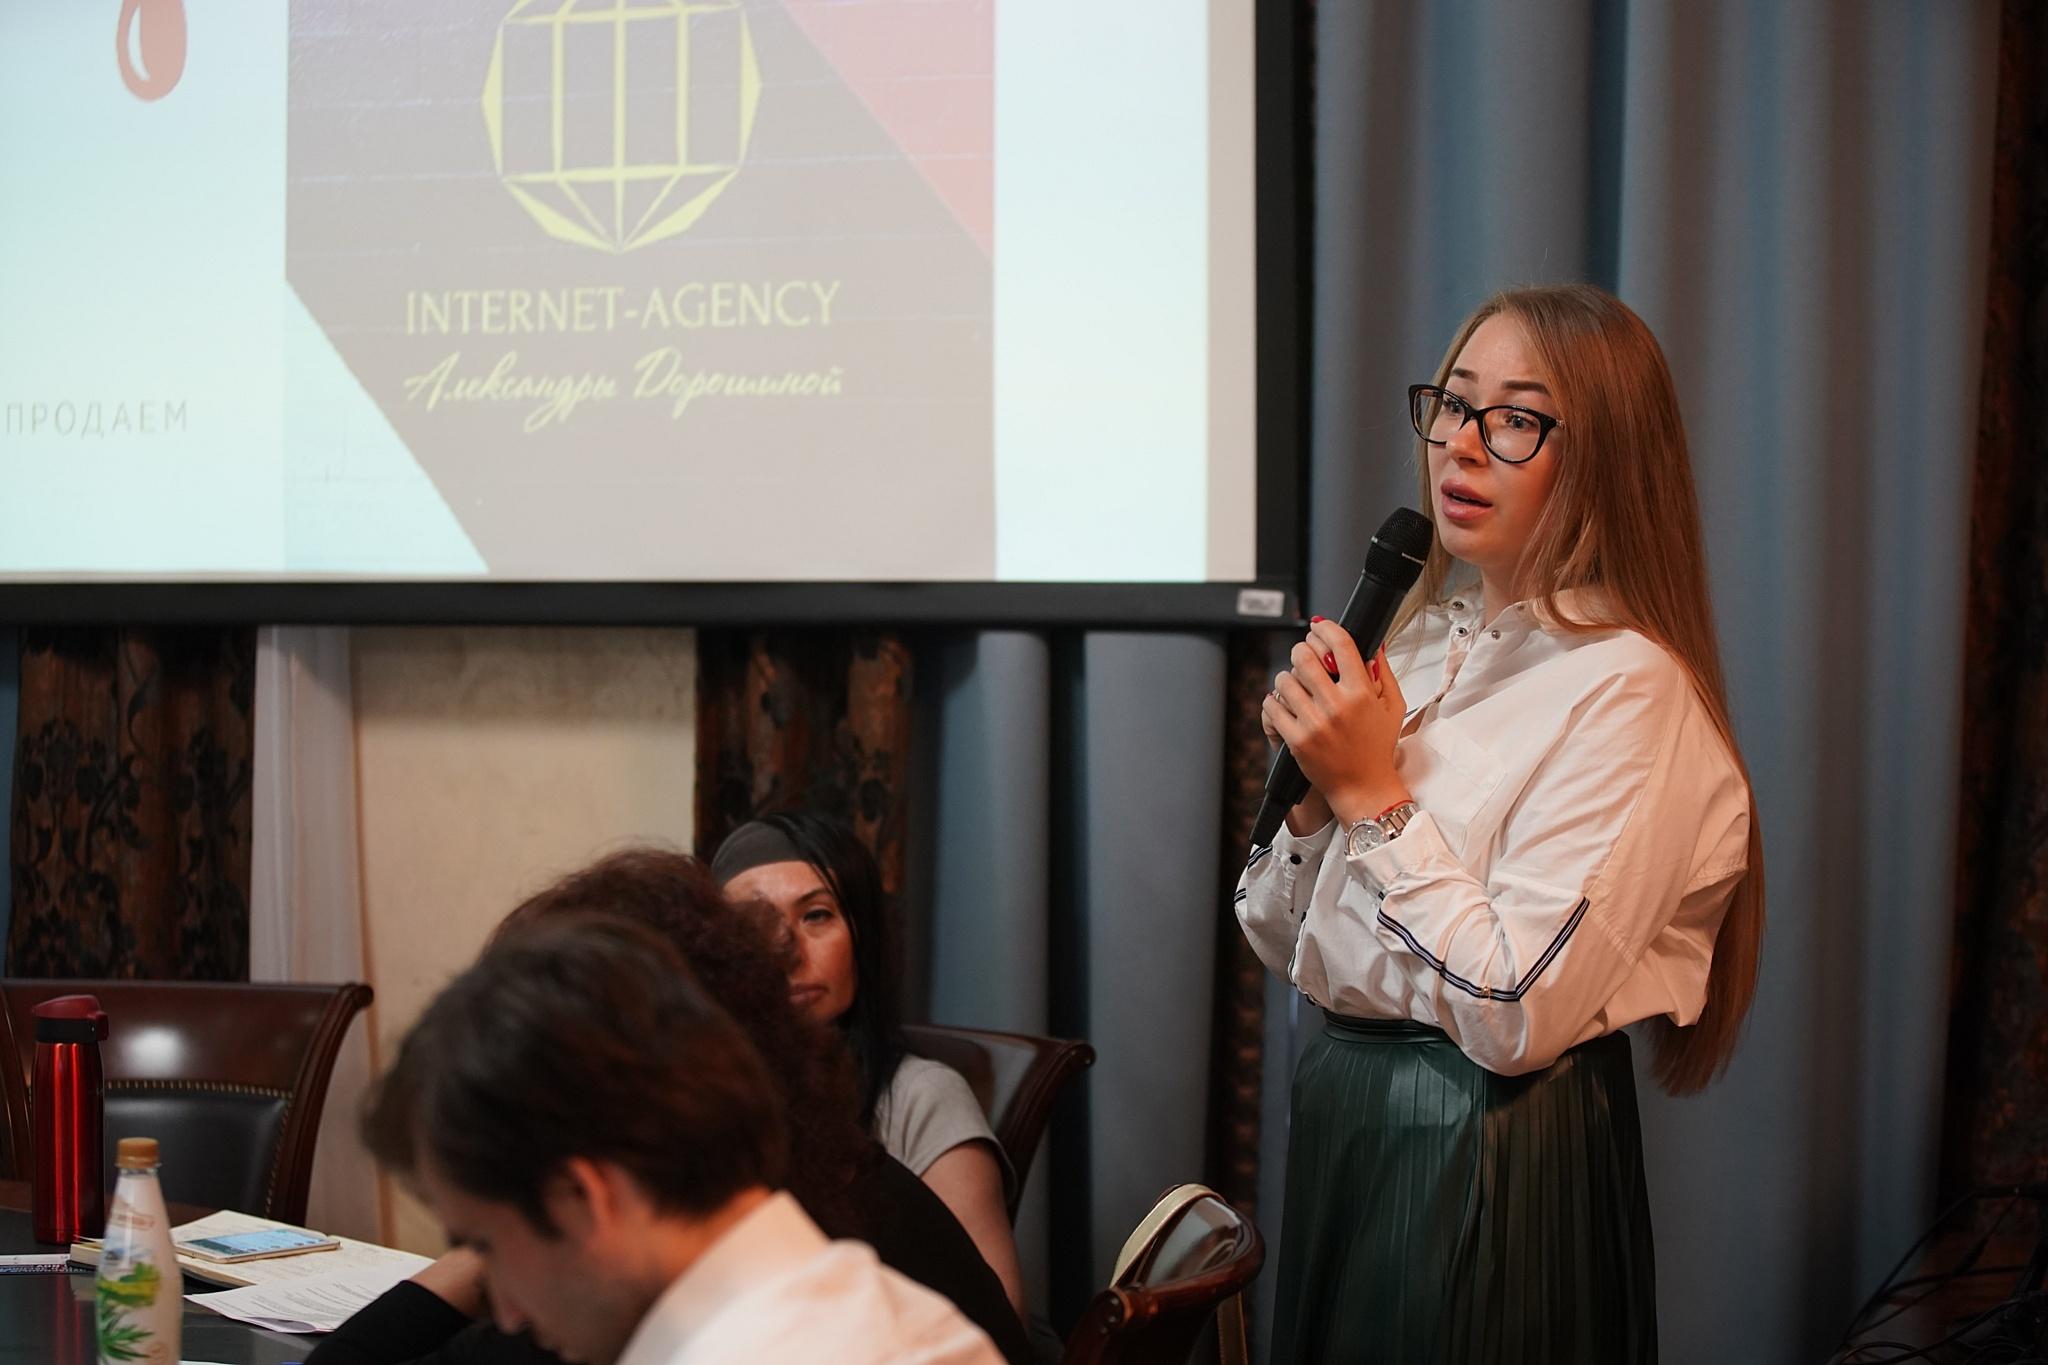 Александра Дорошина мастерски упаковывает бренды в соцсетях